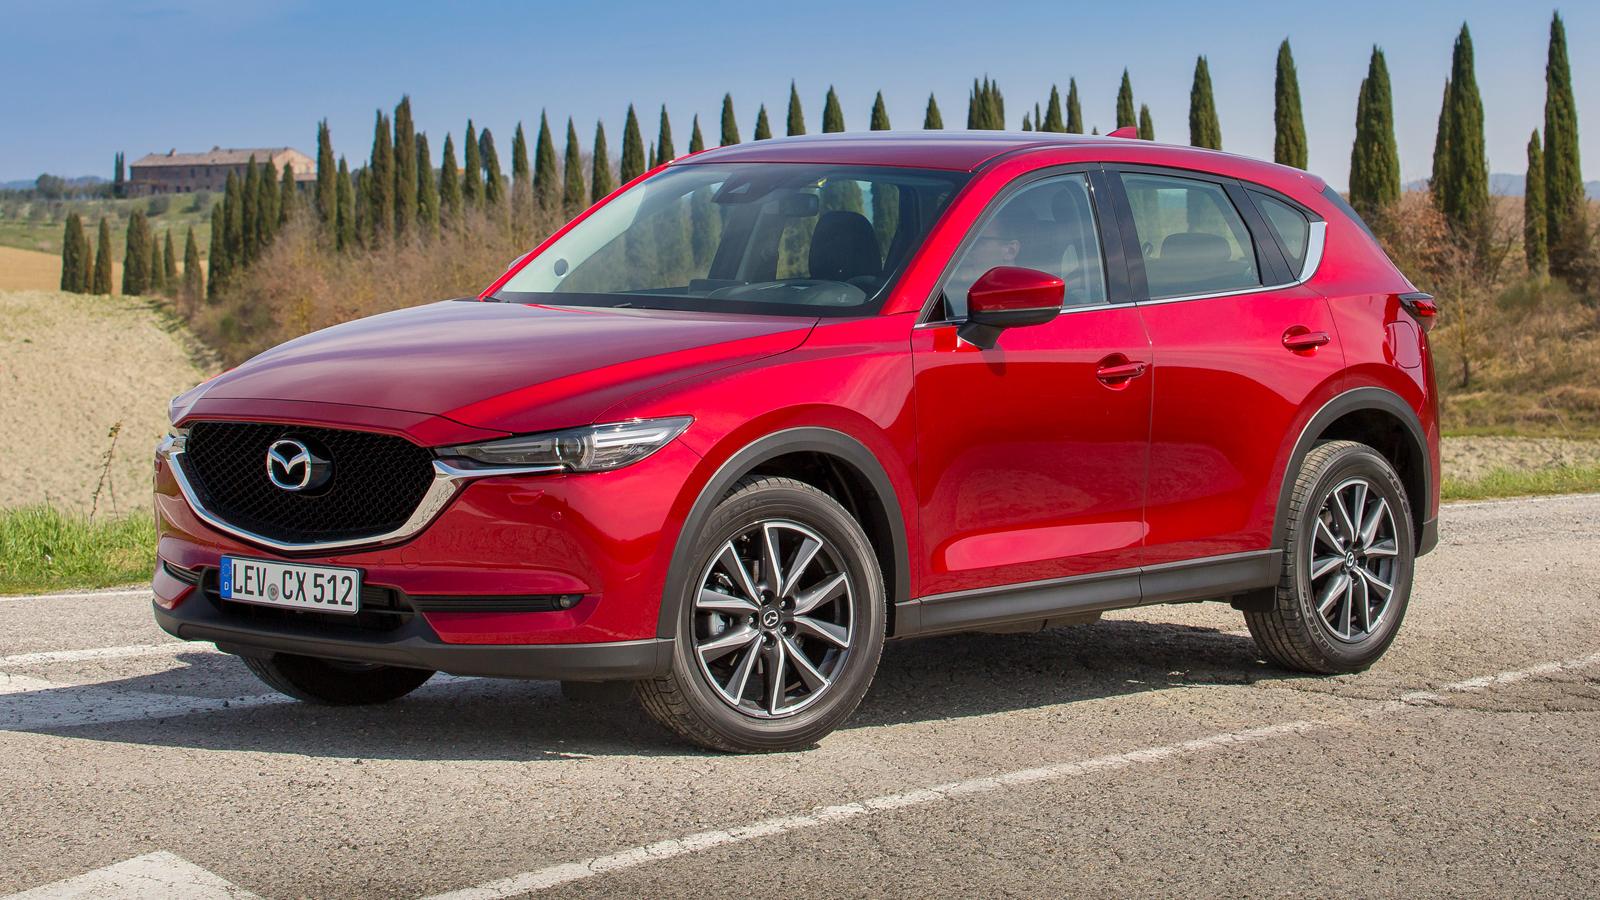 «АвтоВАЗ» заканчивает продажи 3-х моделей авто